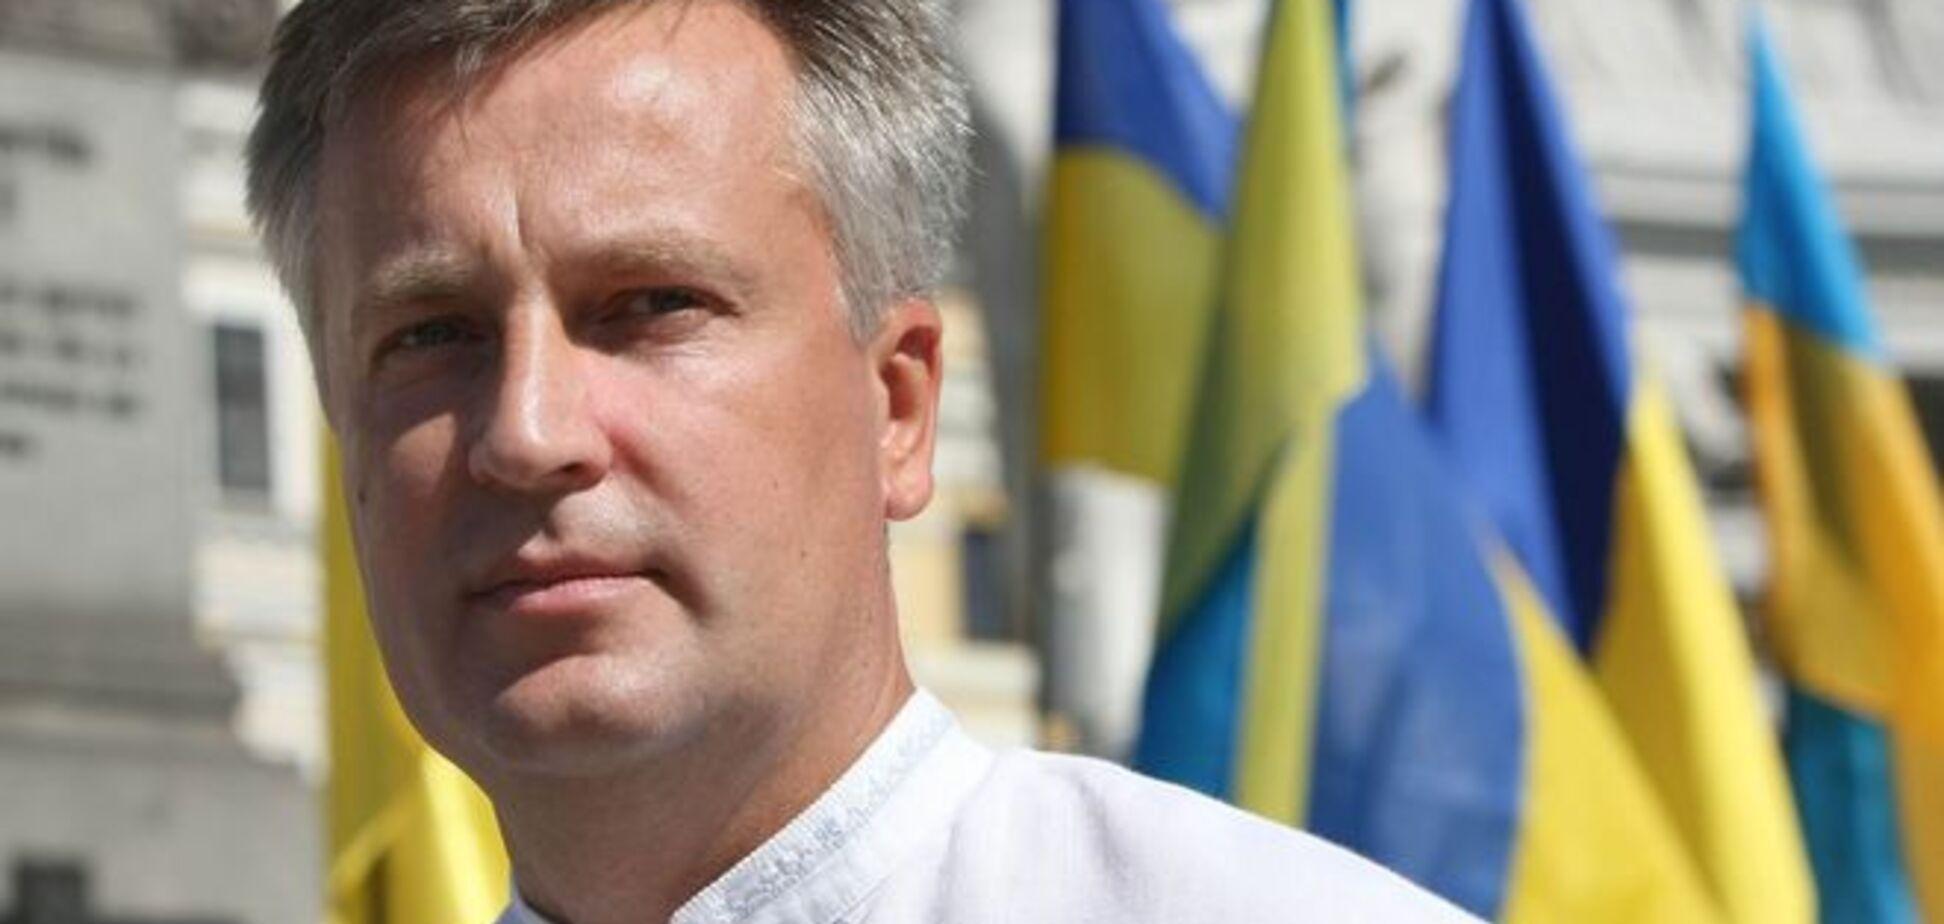 'Завтра я приду с Альфой': Наливайченко обвинил экс-замгенпрокурора в 'крышевании коррупции'